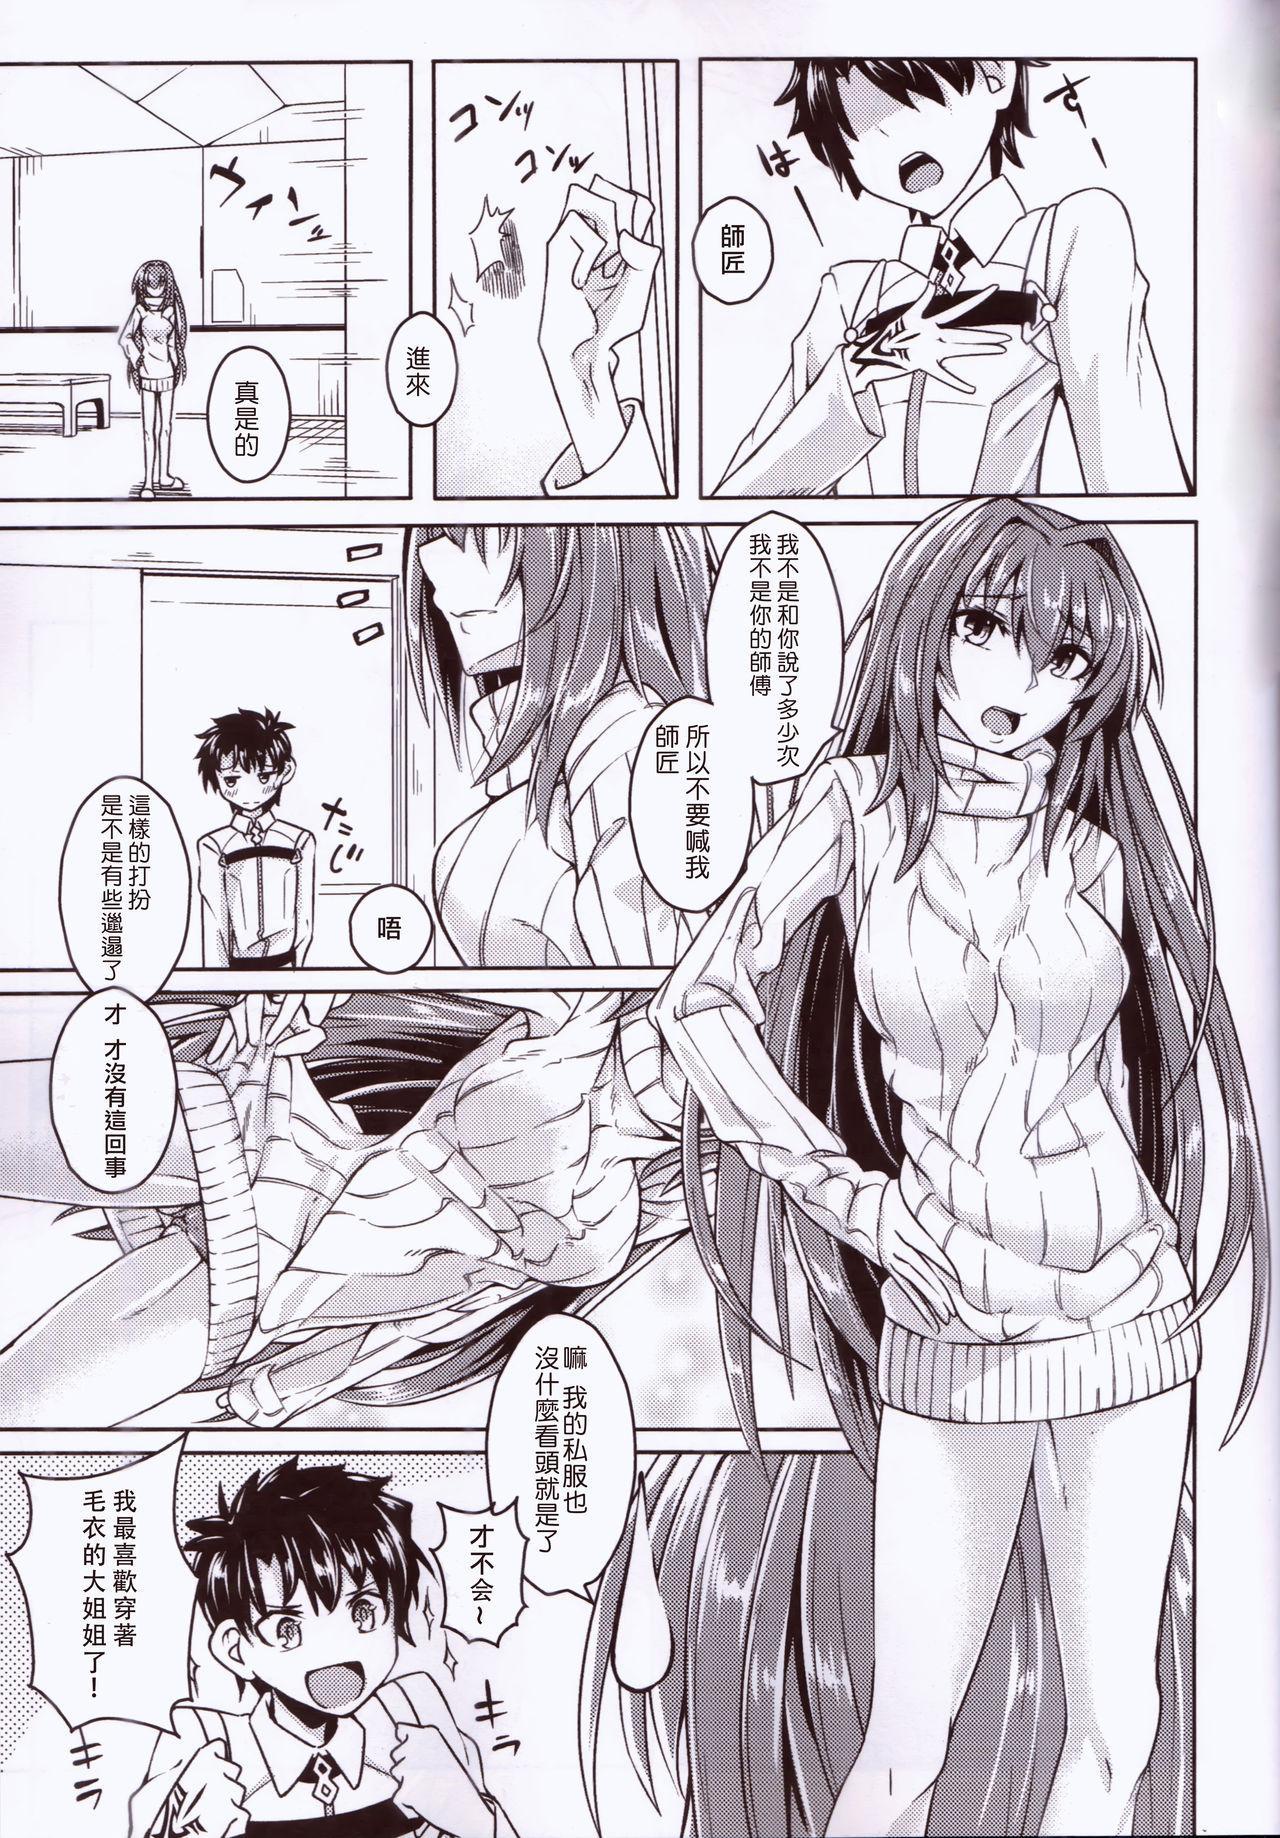 Makuai no Ura Monogatari Kan 2